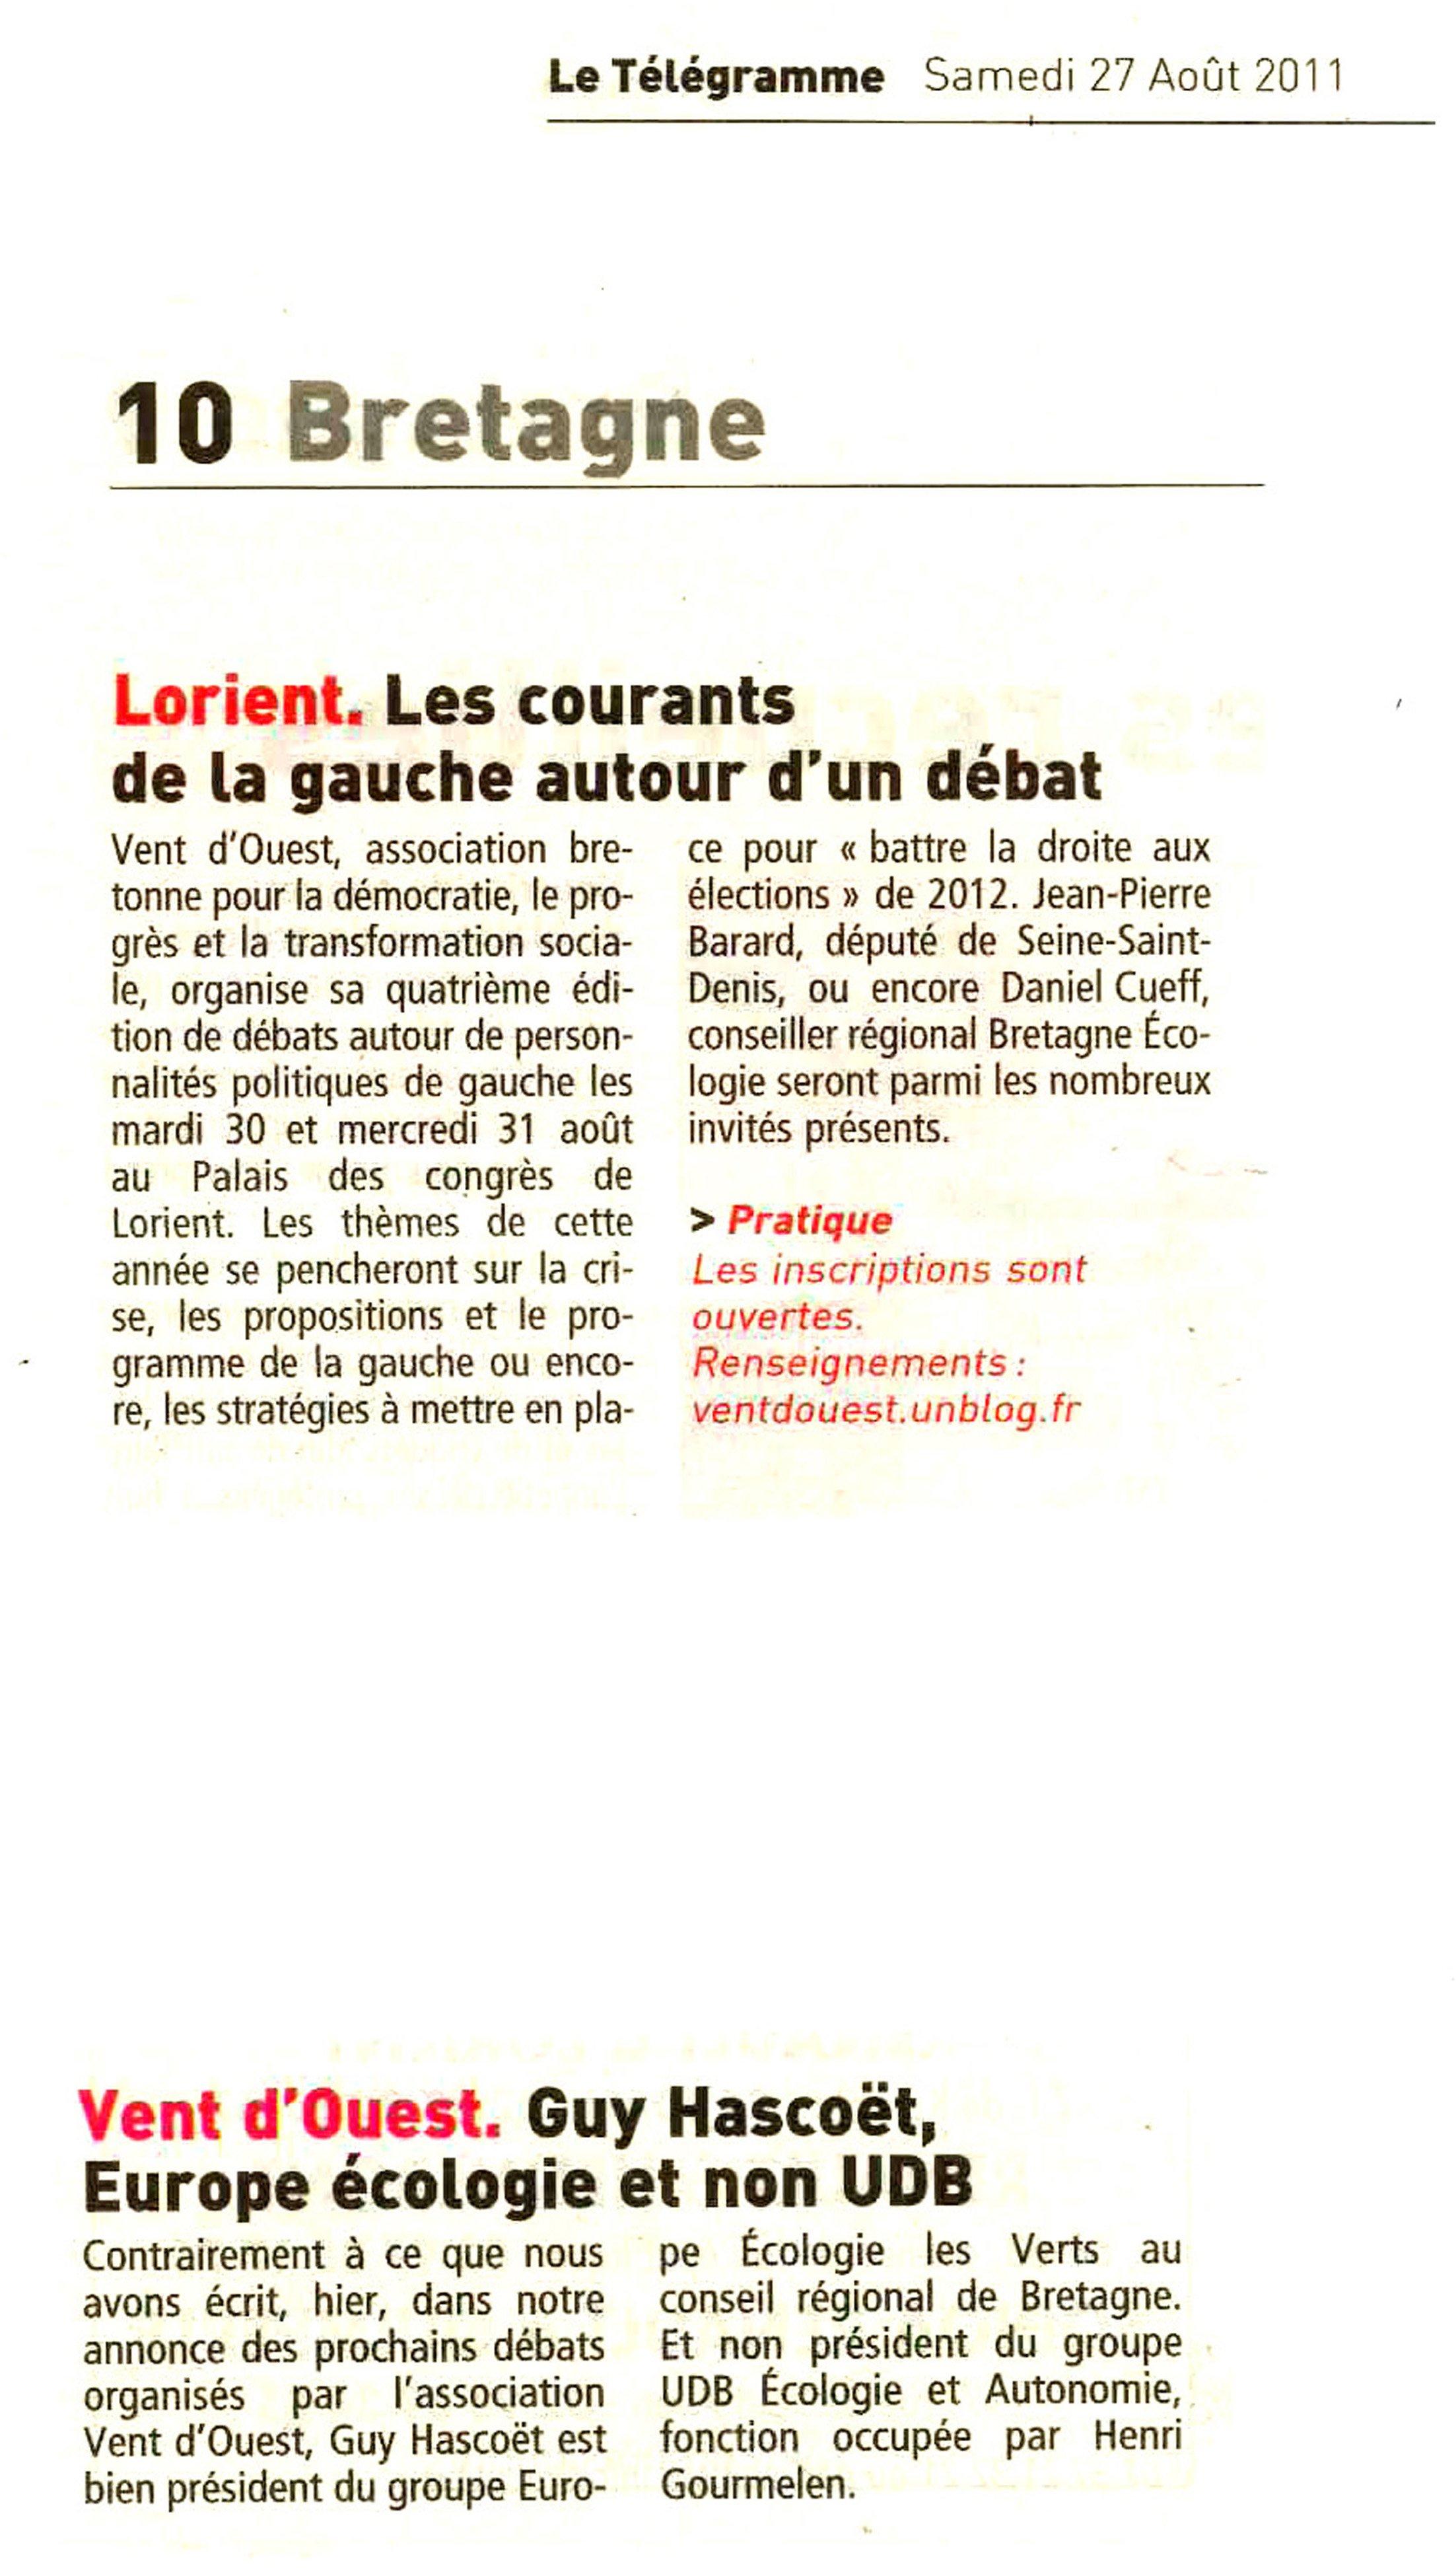 articlesletl29aot11.jpg